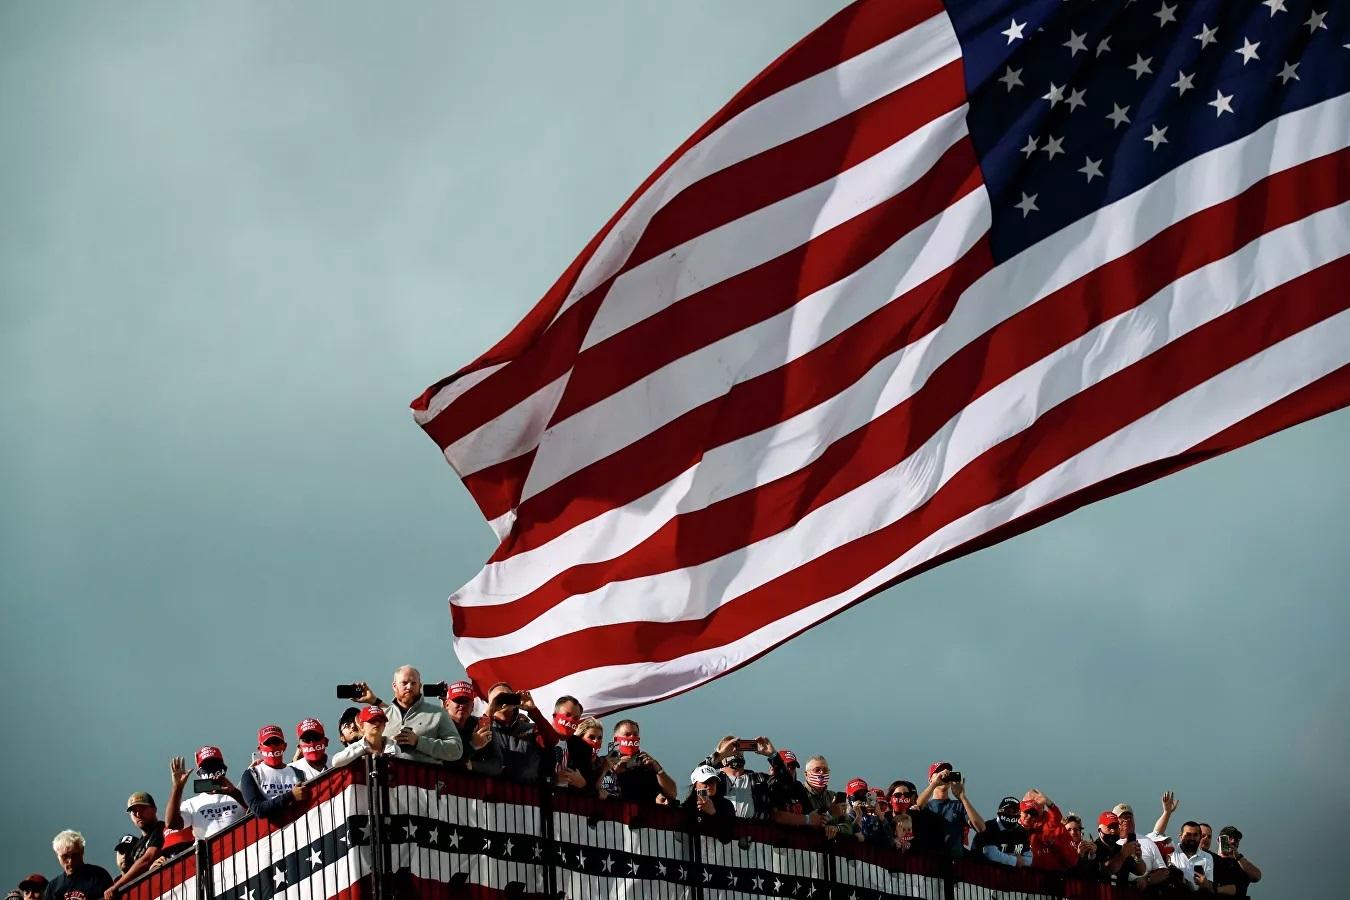 Kết quả bầu cử Mỹ có ảnh hưởng đến nền kinh tế toàn cầu?